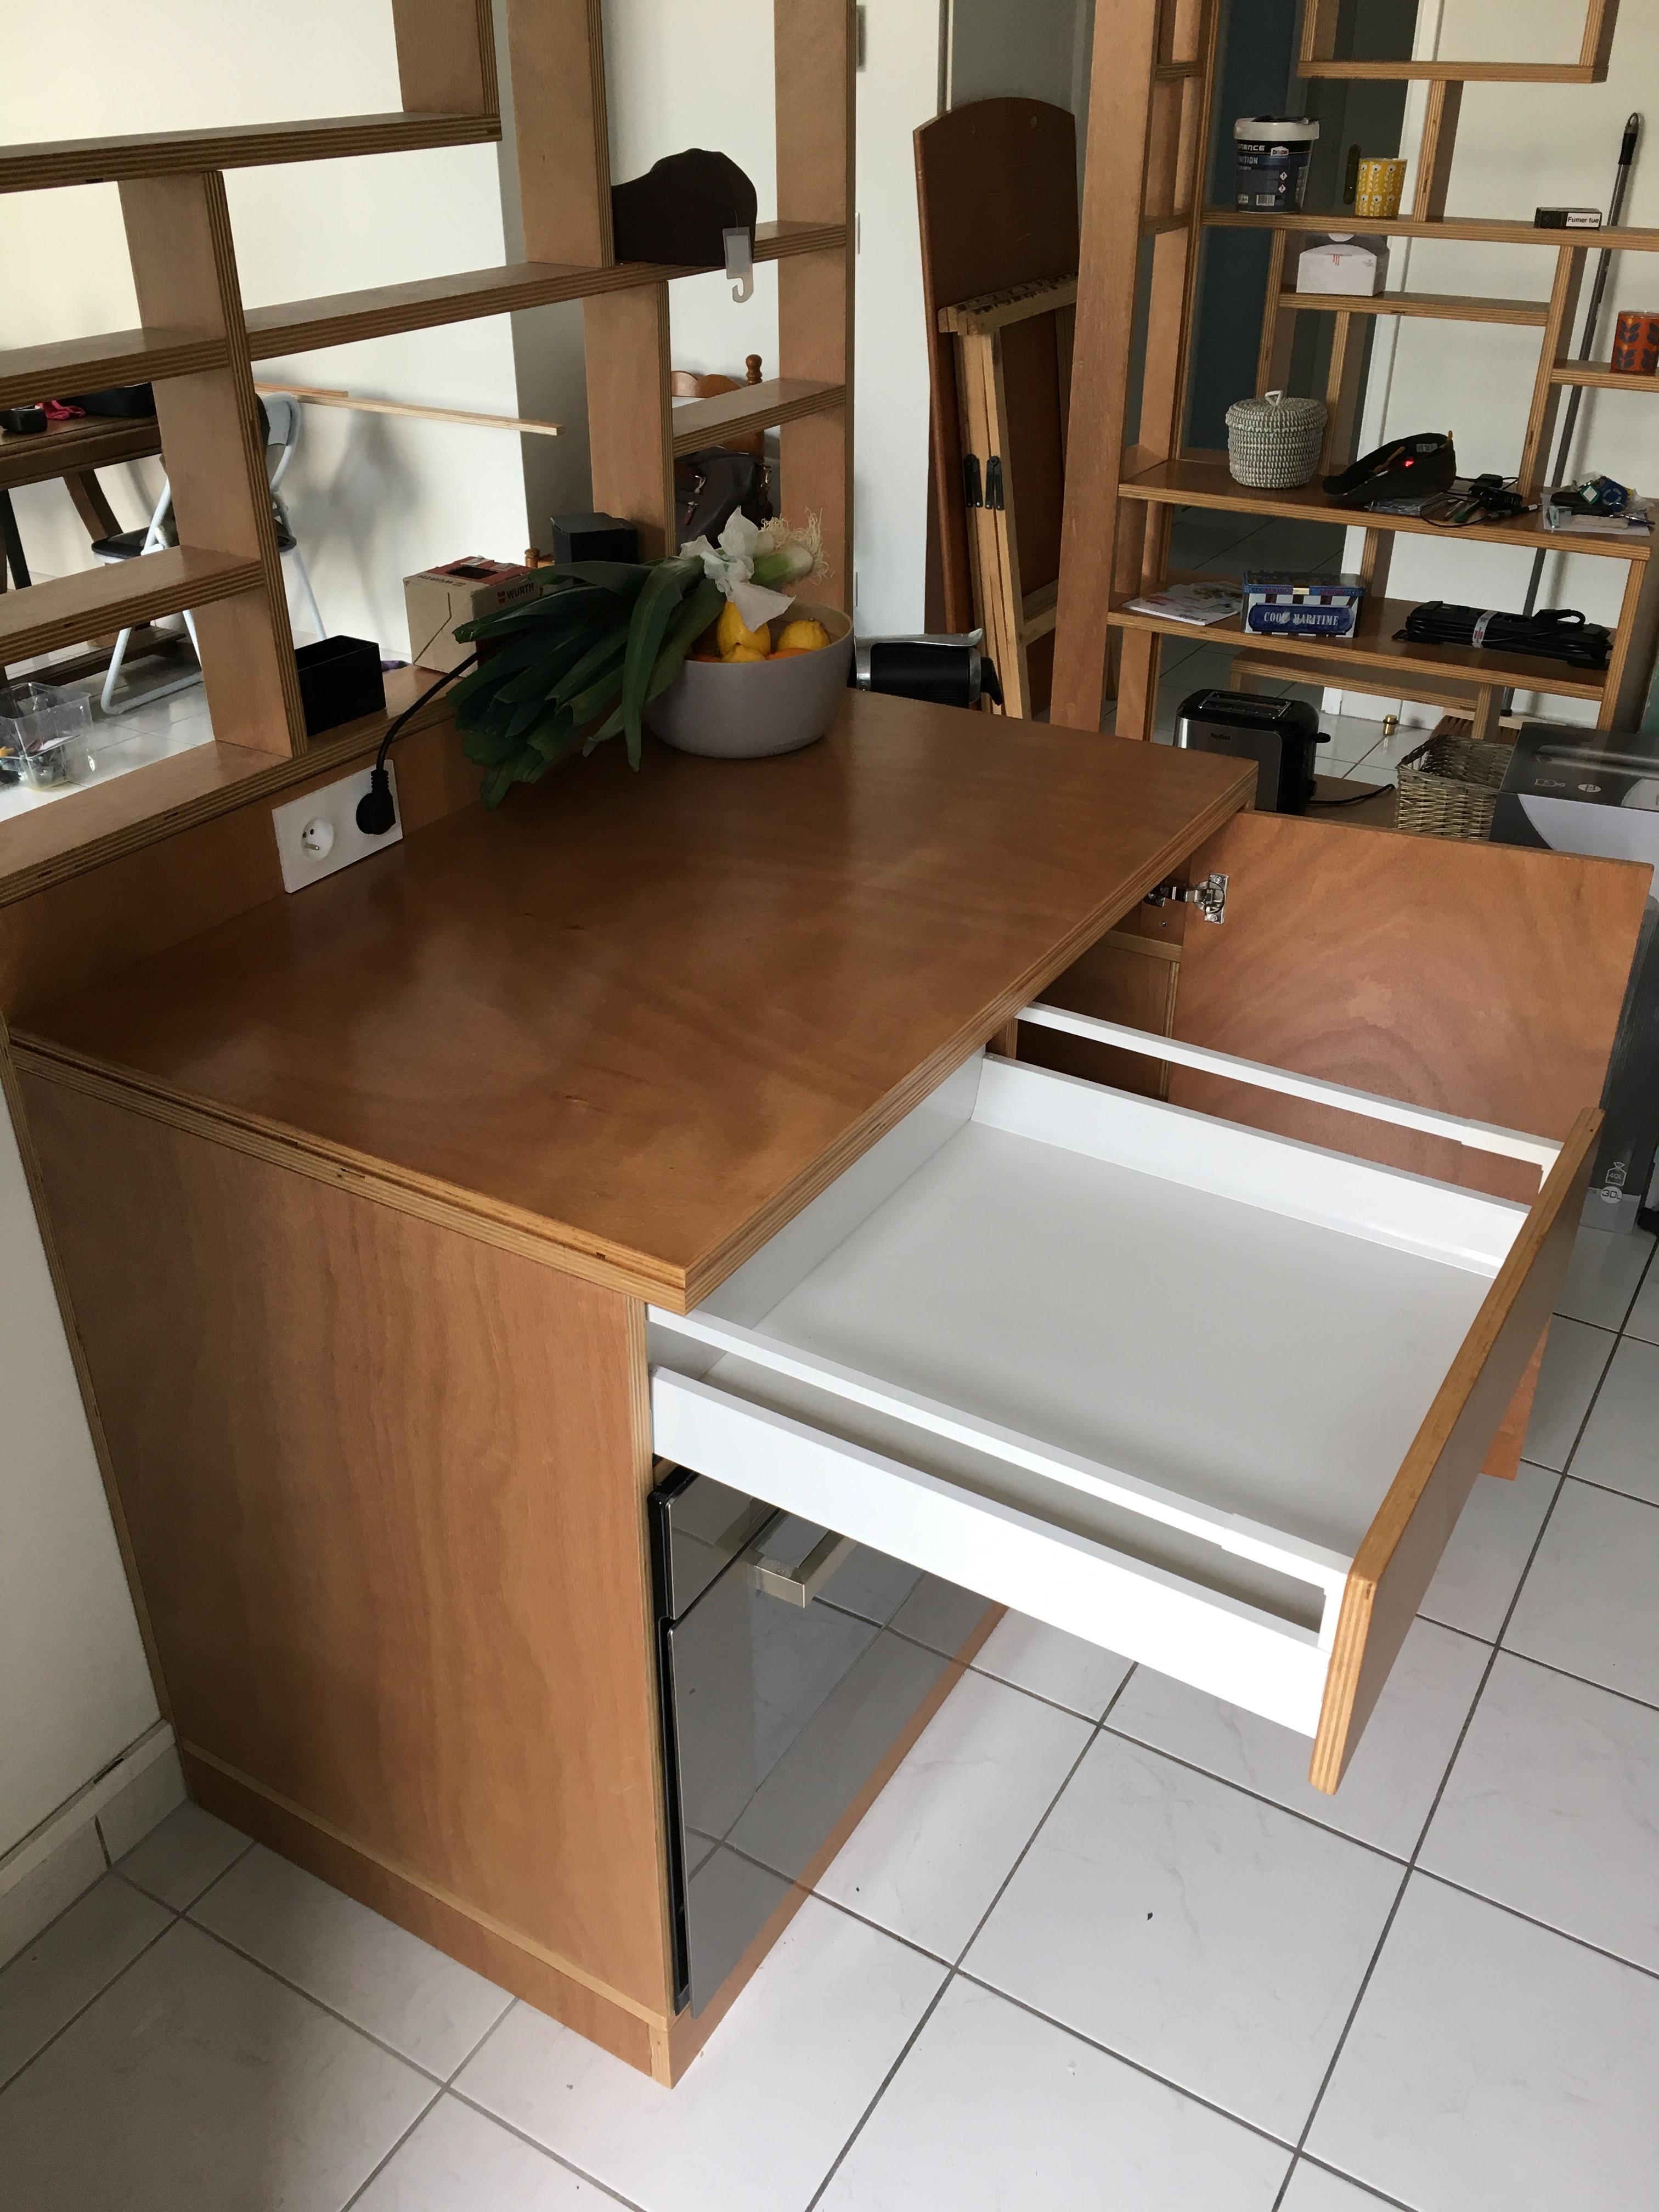 habillage meuble en bois sur mesure baty 39 r le bois dans. Black Bedroom Furniture Sets. Home Design Ideas